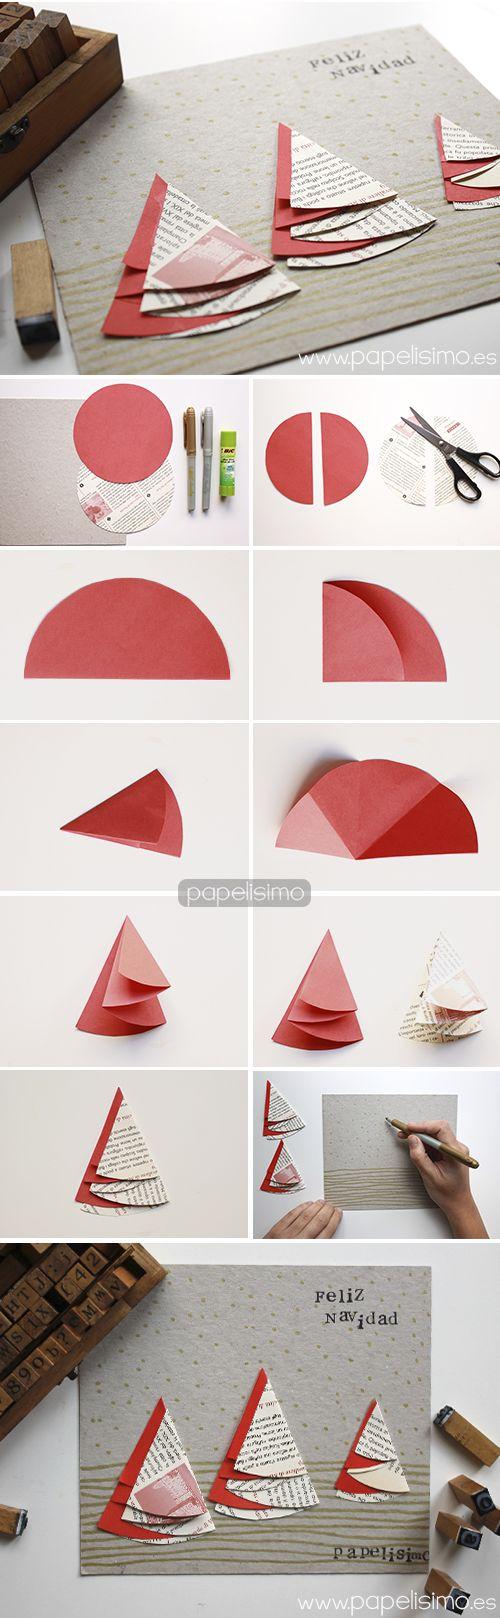 tarjetas de navidad hechas a mano originales arboles de papel reciclado scrapbooking navideño: